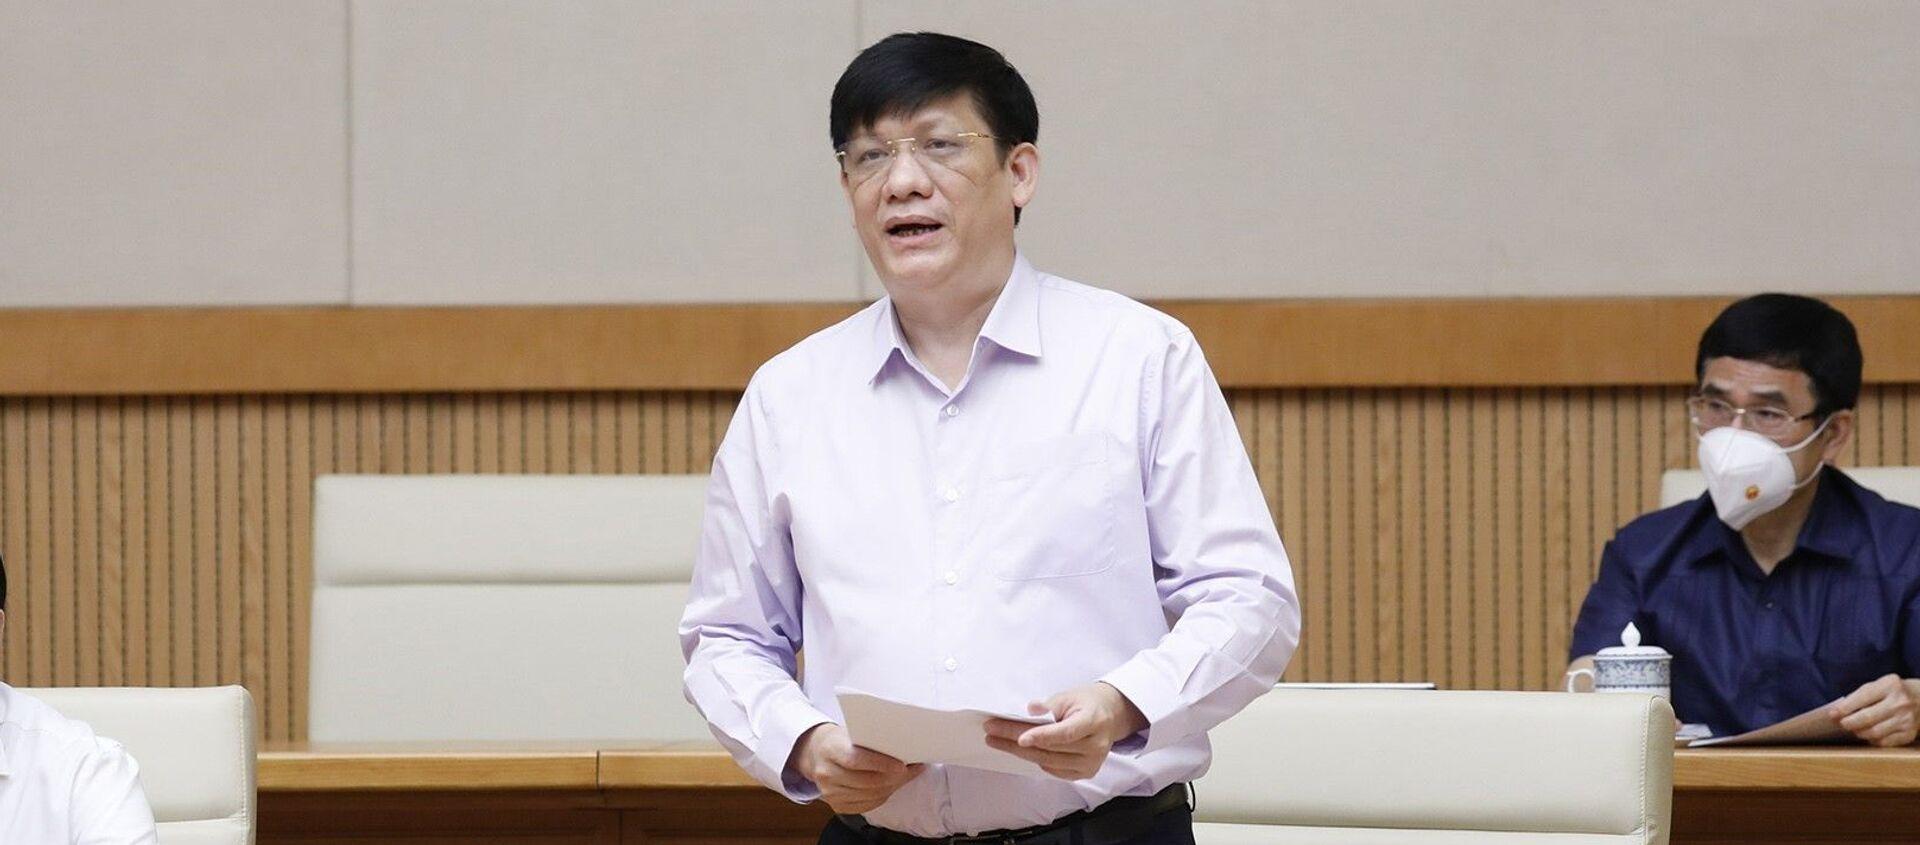 Bộ trưởng Bộ Y tế Nguyễn Thanh Long báo cáo kết quả công tác thực hiện Chỉ thị số 16 tại các tỉnh, thành phố. - Sputnik Việt Nam, 1920, 18.08.2021